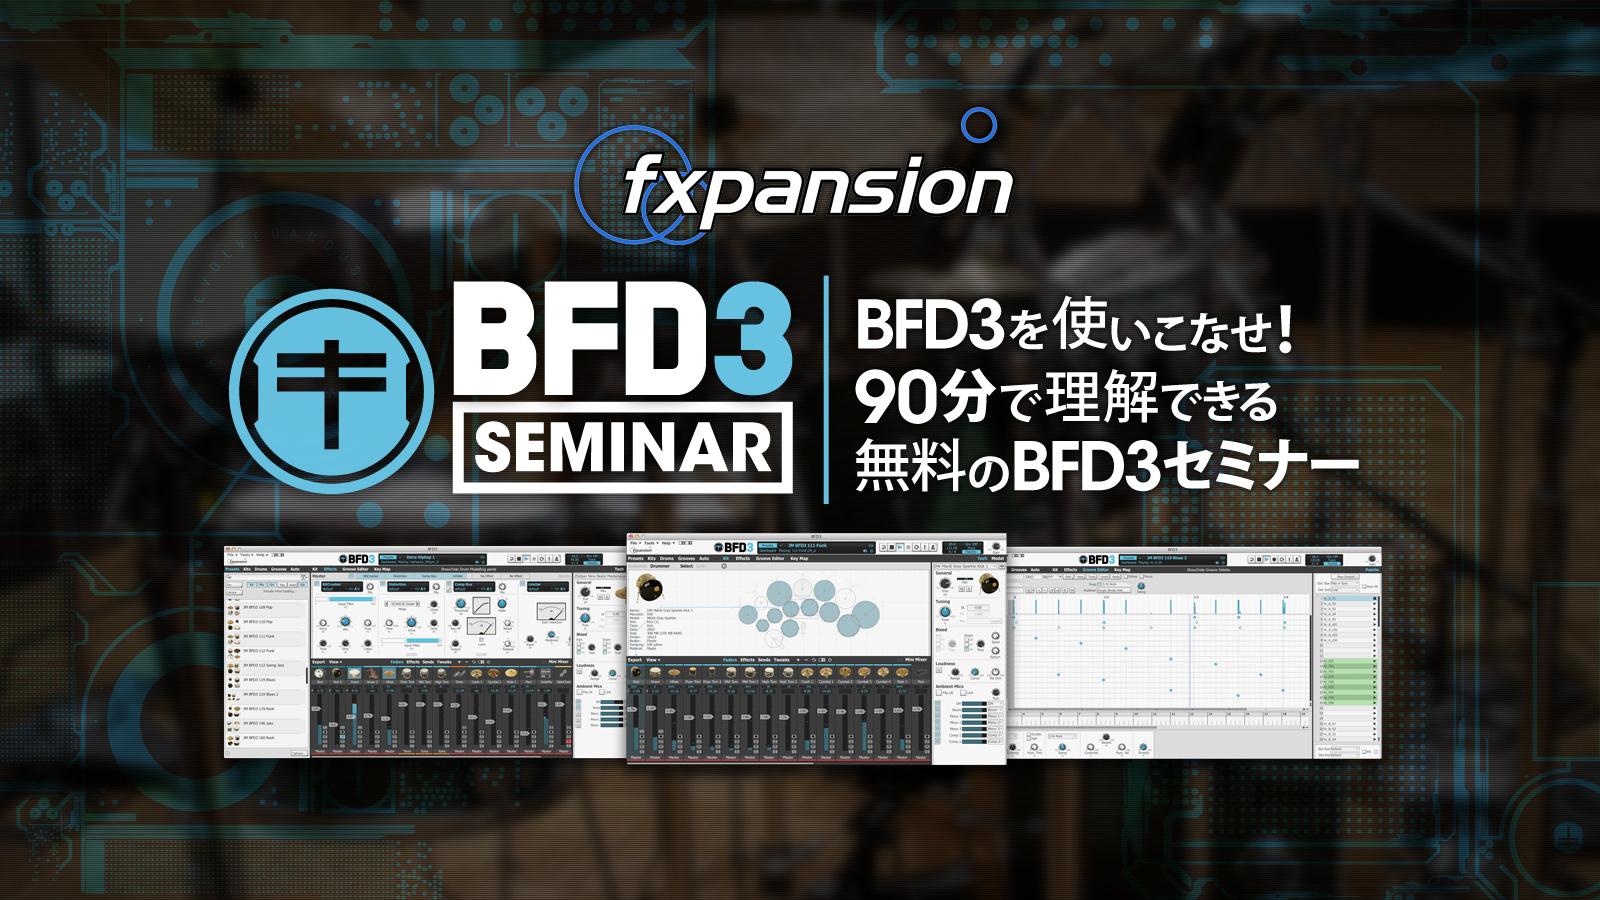 20160415_bfd3_seminar_l